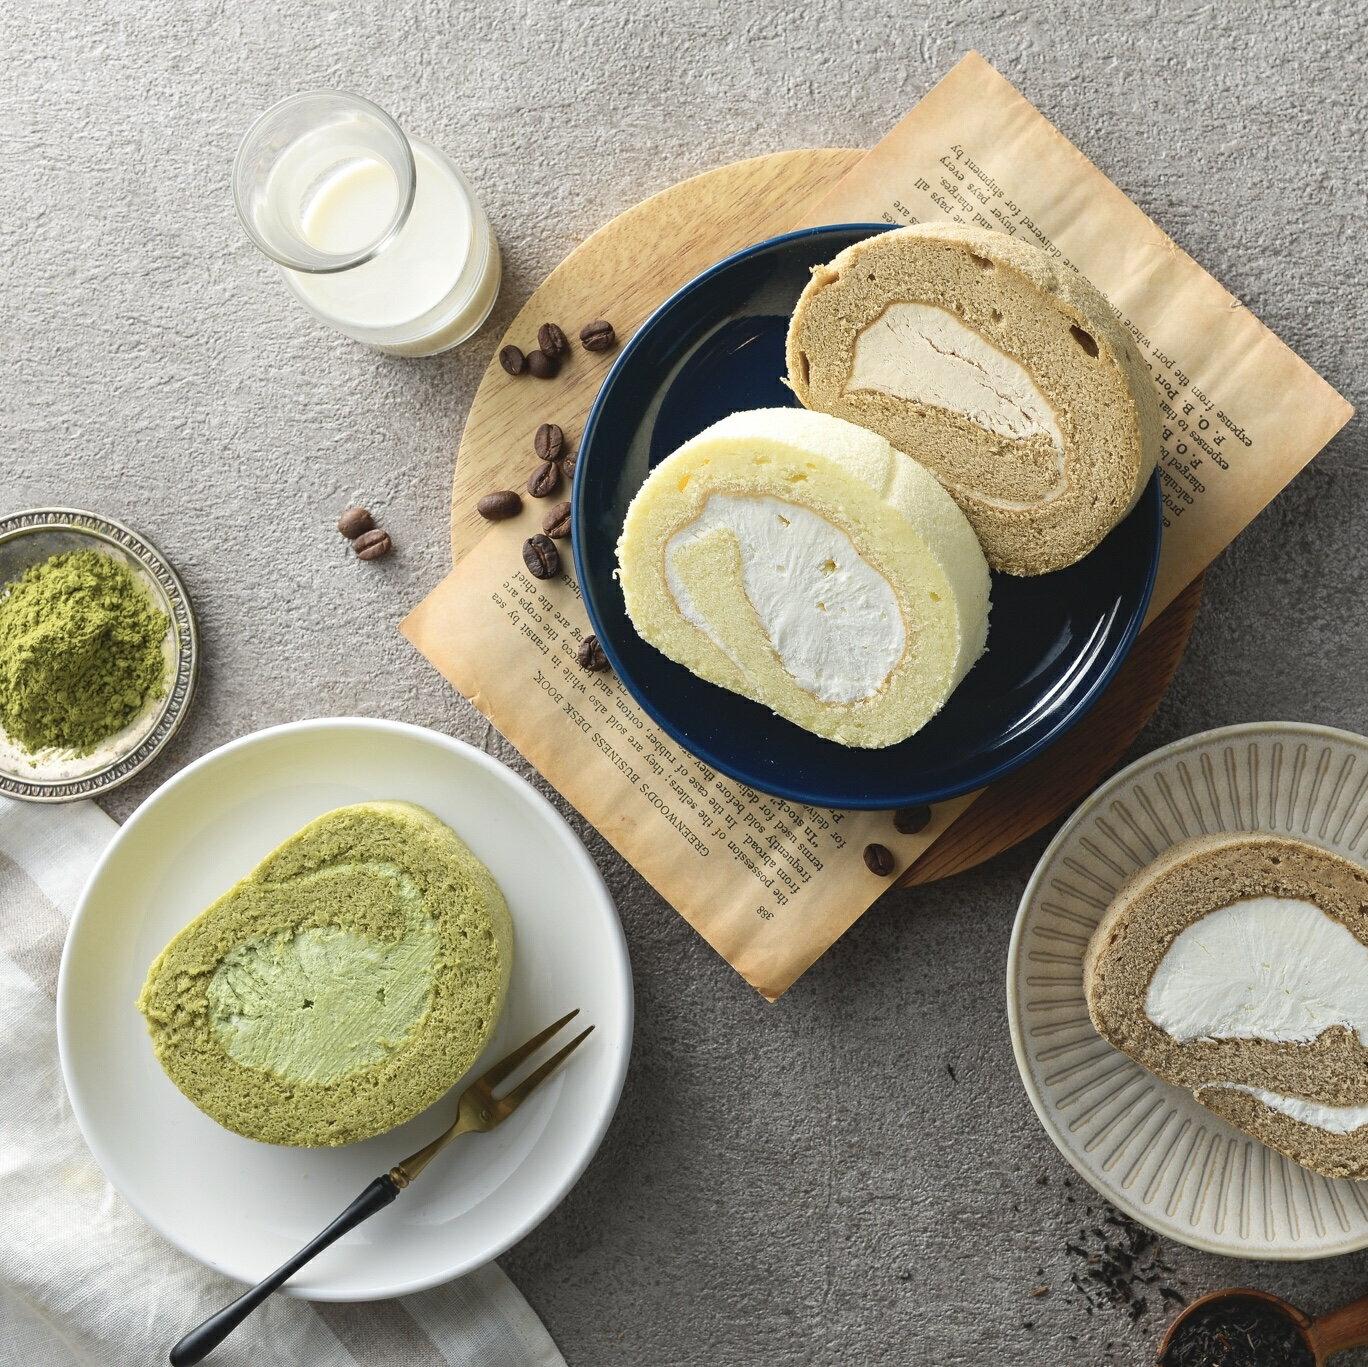 【烘樂夫烘焙】拿鐵雪糕生乳捲  ▎總重量(份數):430~450公克 下午茶必備